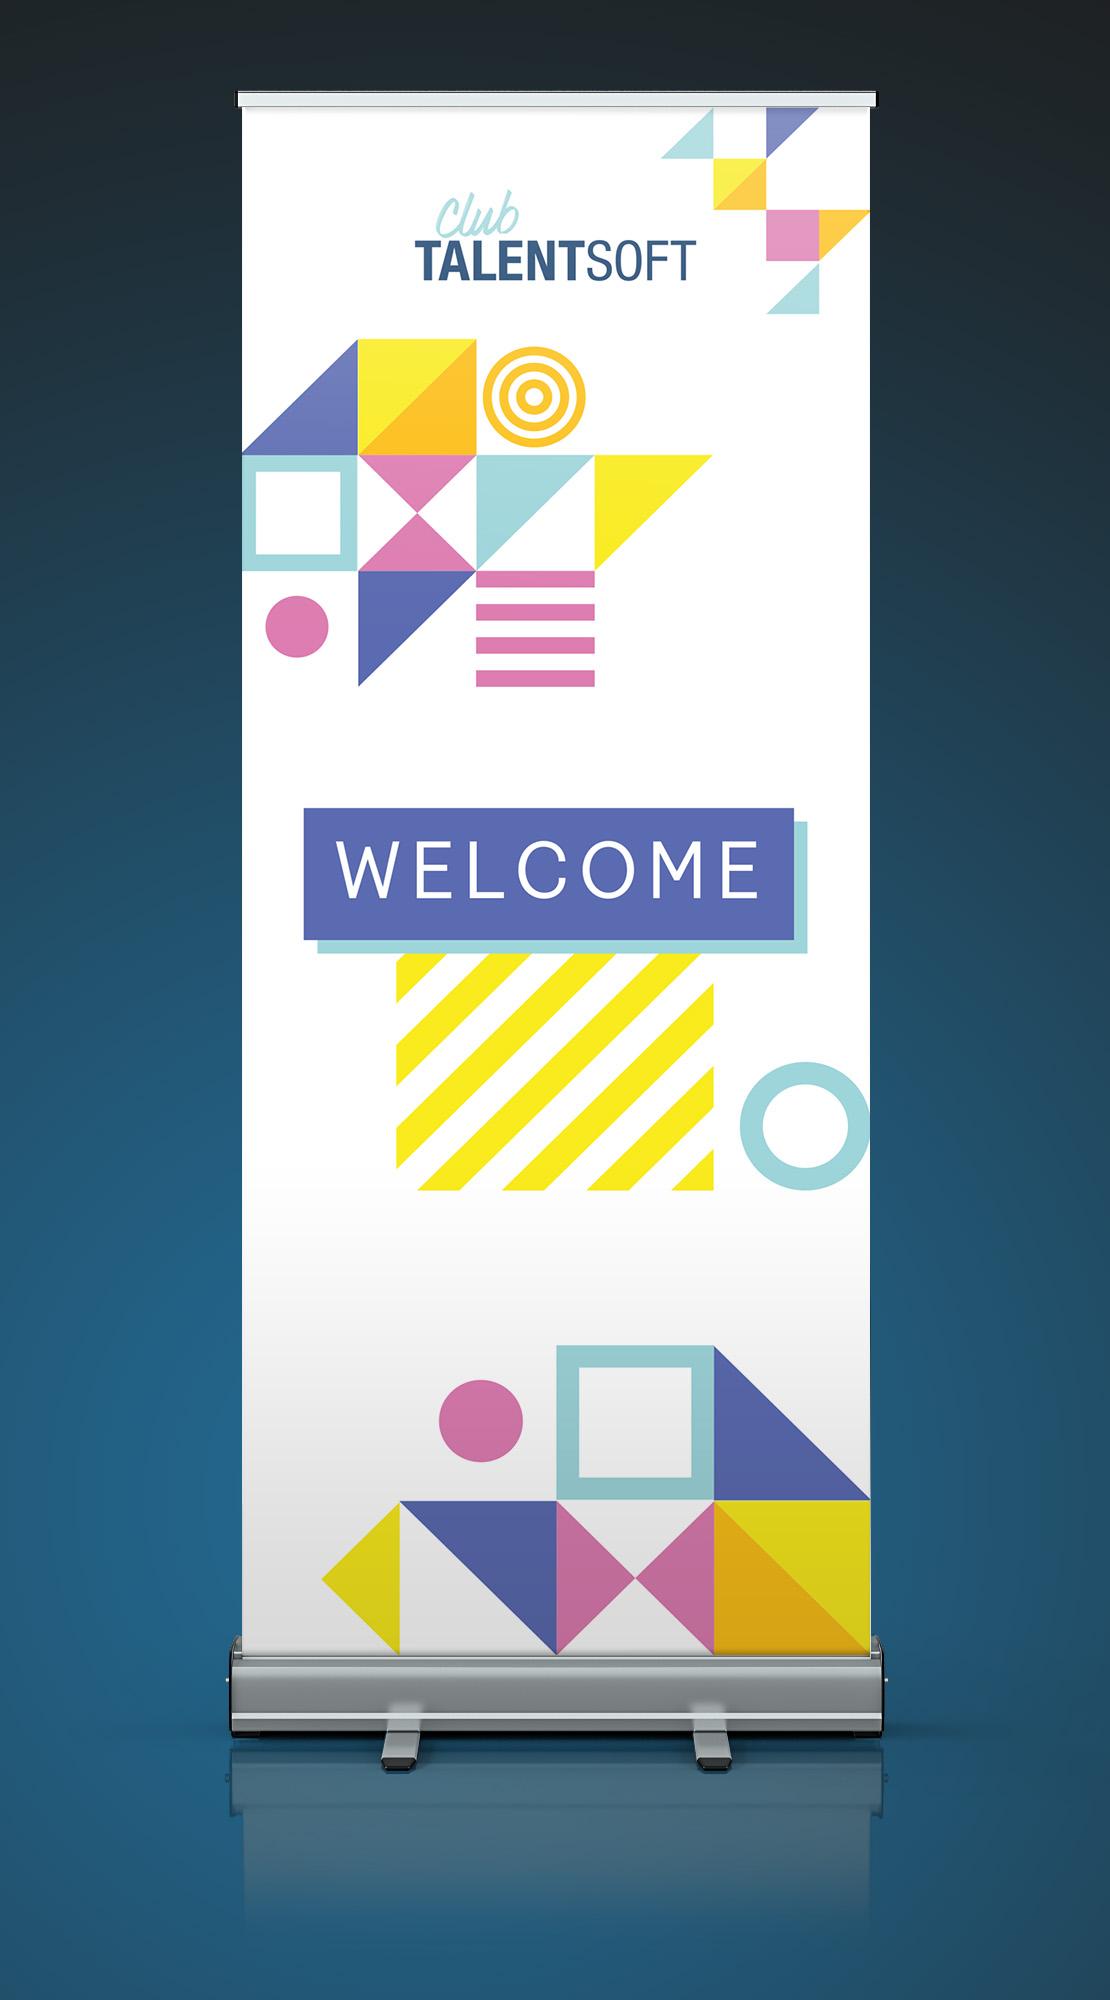 Rollup Club Talentsoft - Cmondada Design